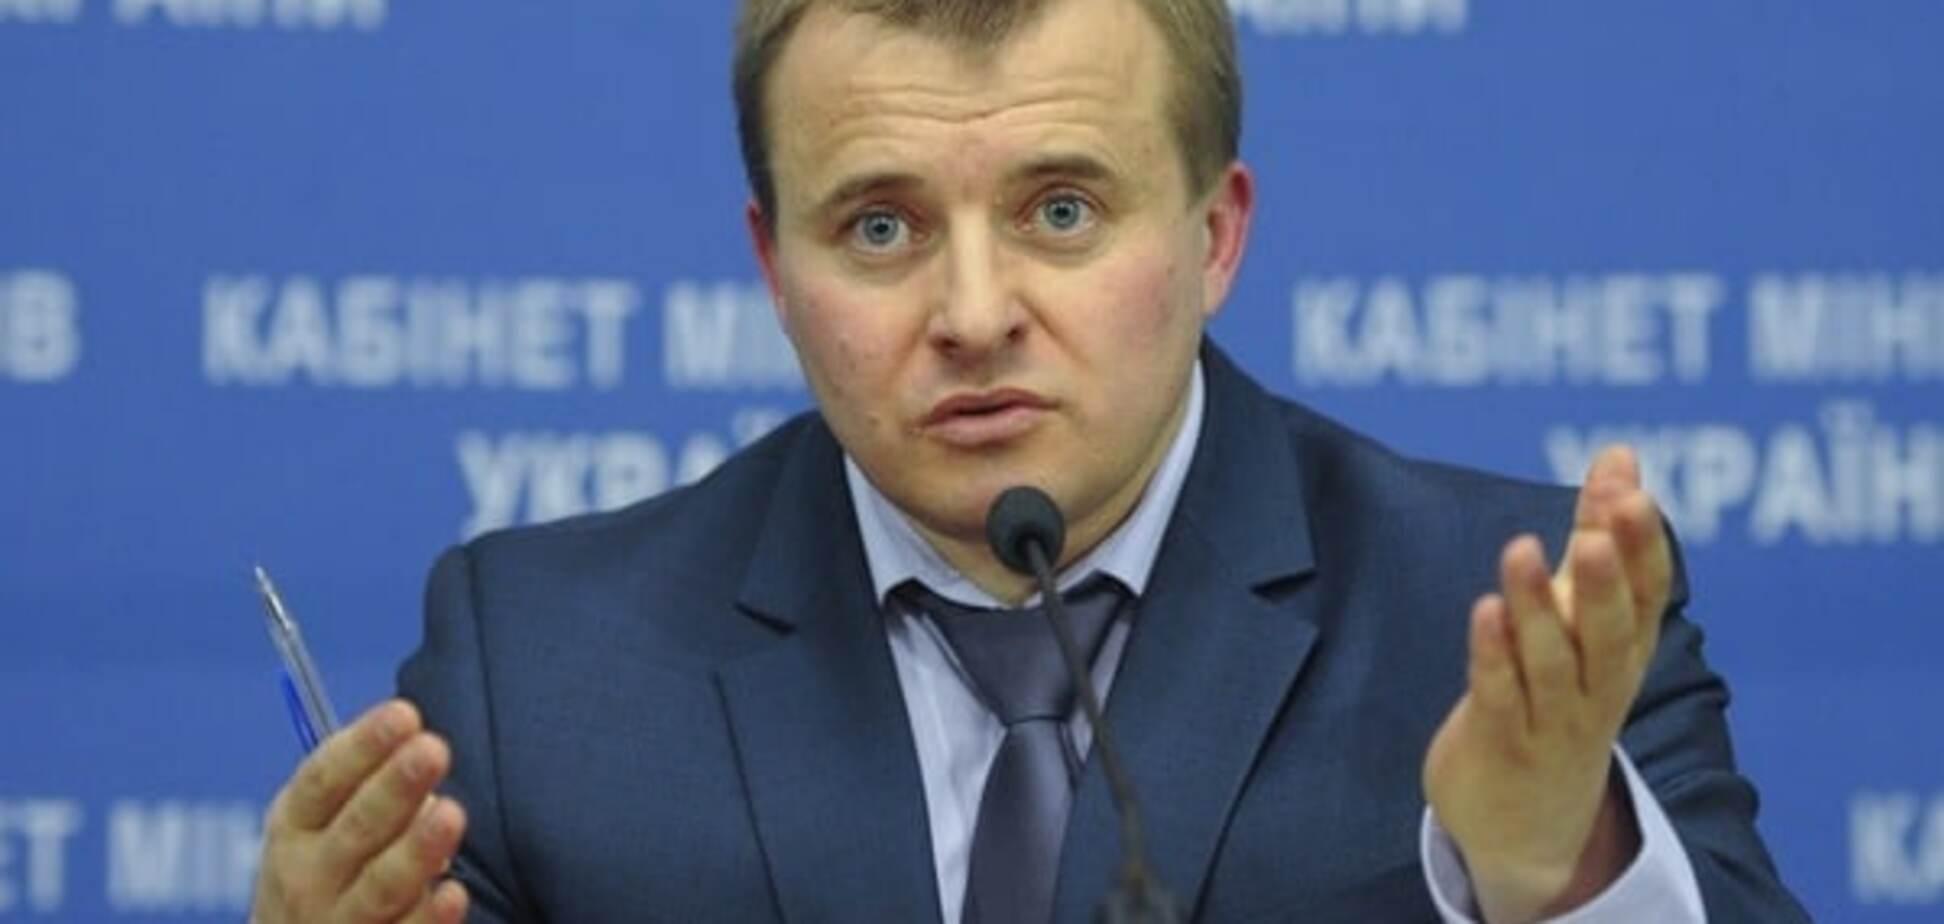 Министерские оклады: в Кабмине рассказали, сколько получают Демчишин и Розенко